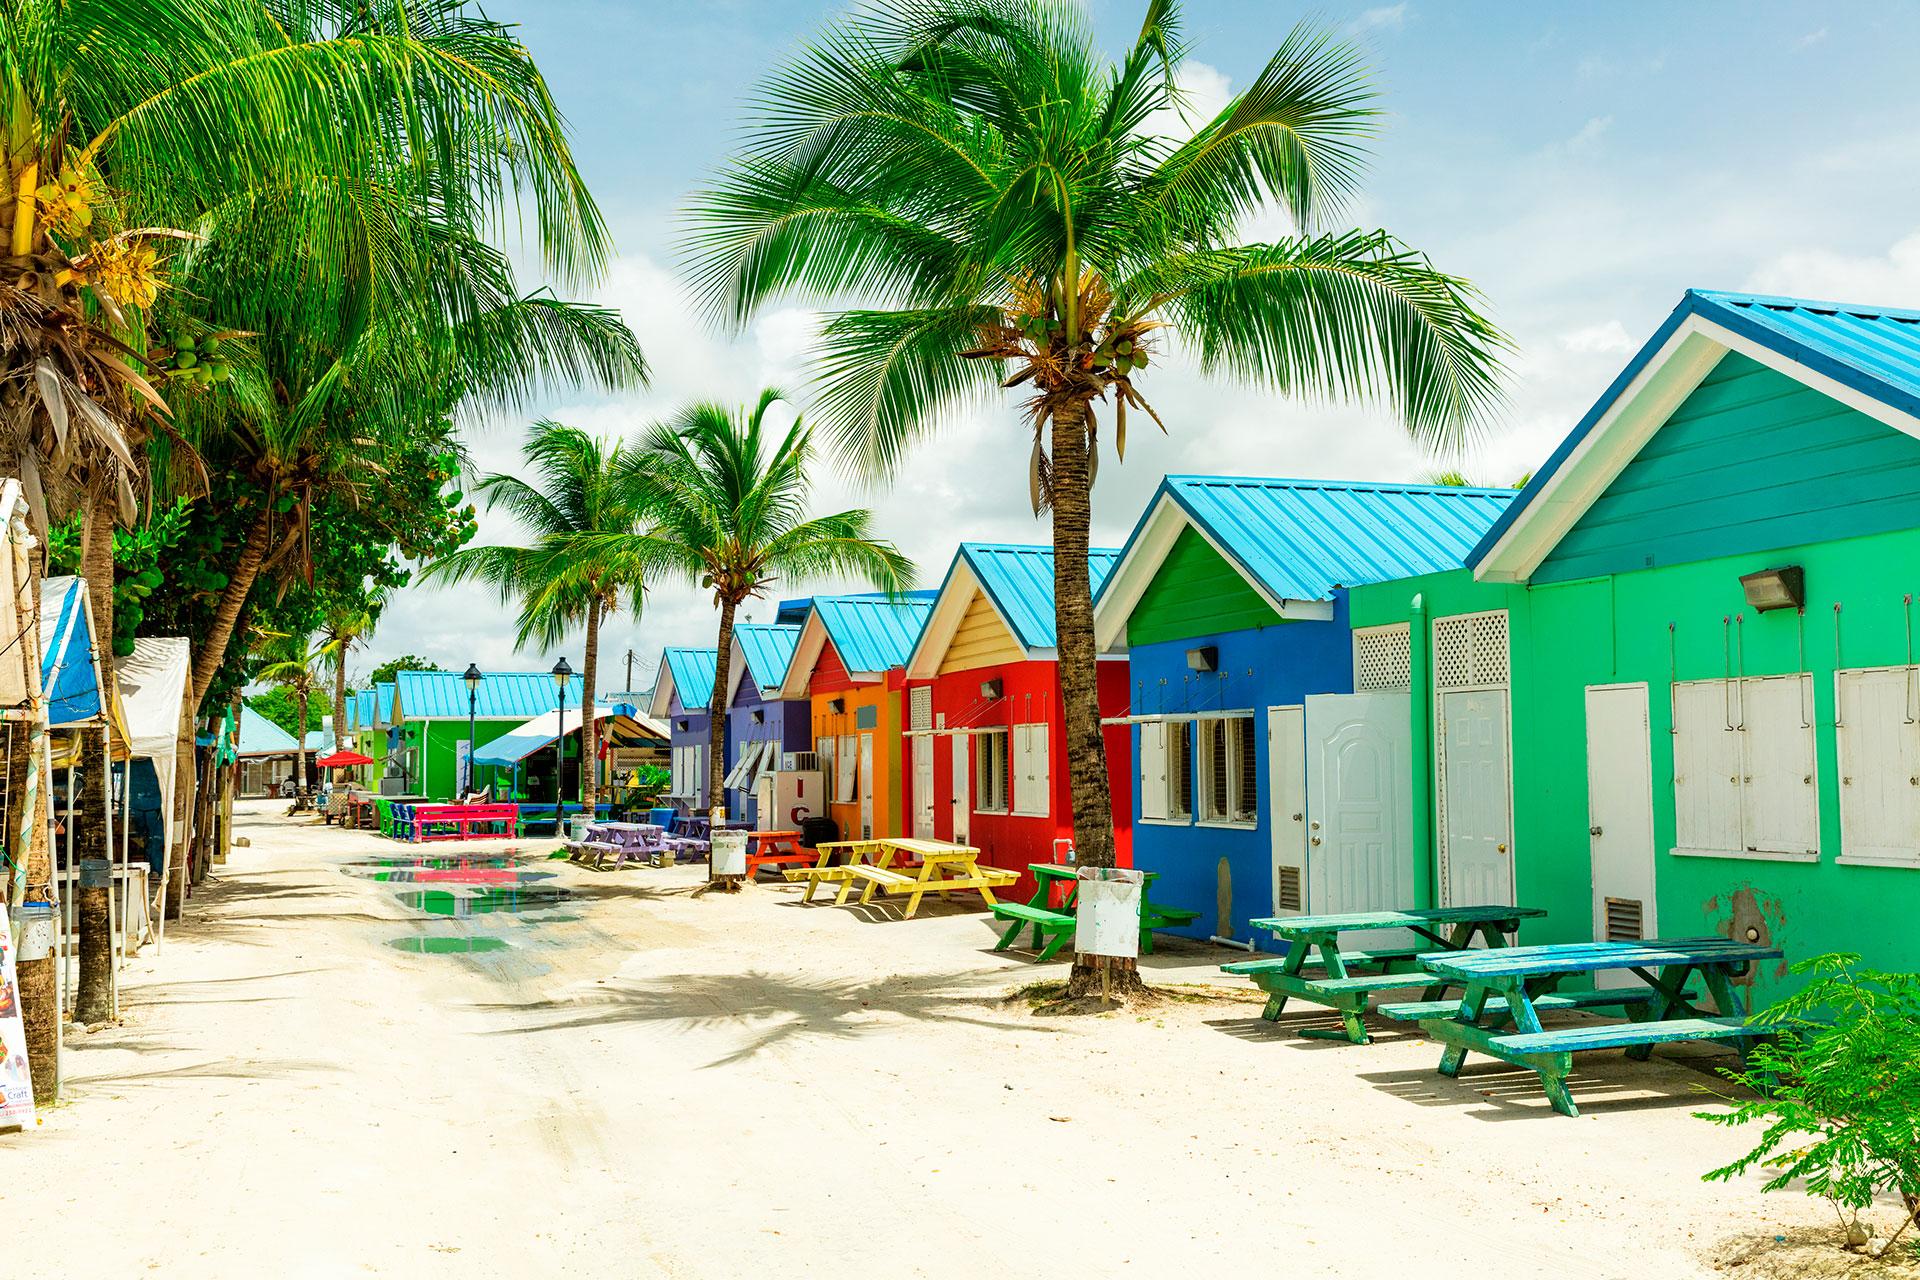 Barbados tiene algo para todos: playas de arena rosada, vida silvestre exótica (monos, tortugas marinas y ocho especies de murciélagos) y puestas de sol que piden ser disfrutadas con un cóctel fresco. Bridgetown, la capital, es un puerto de cruceros con edificios coloniales y la sinagoga Nidhe Israel, fundada en 1654. Cerca de la isla, hay playas, jardines botánicos, la formación de Harrison's Cave y las haciendas del siglo XVII